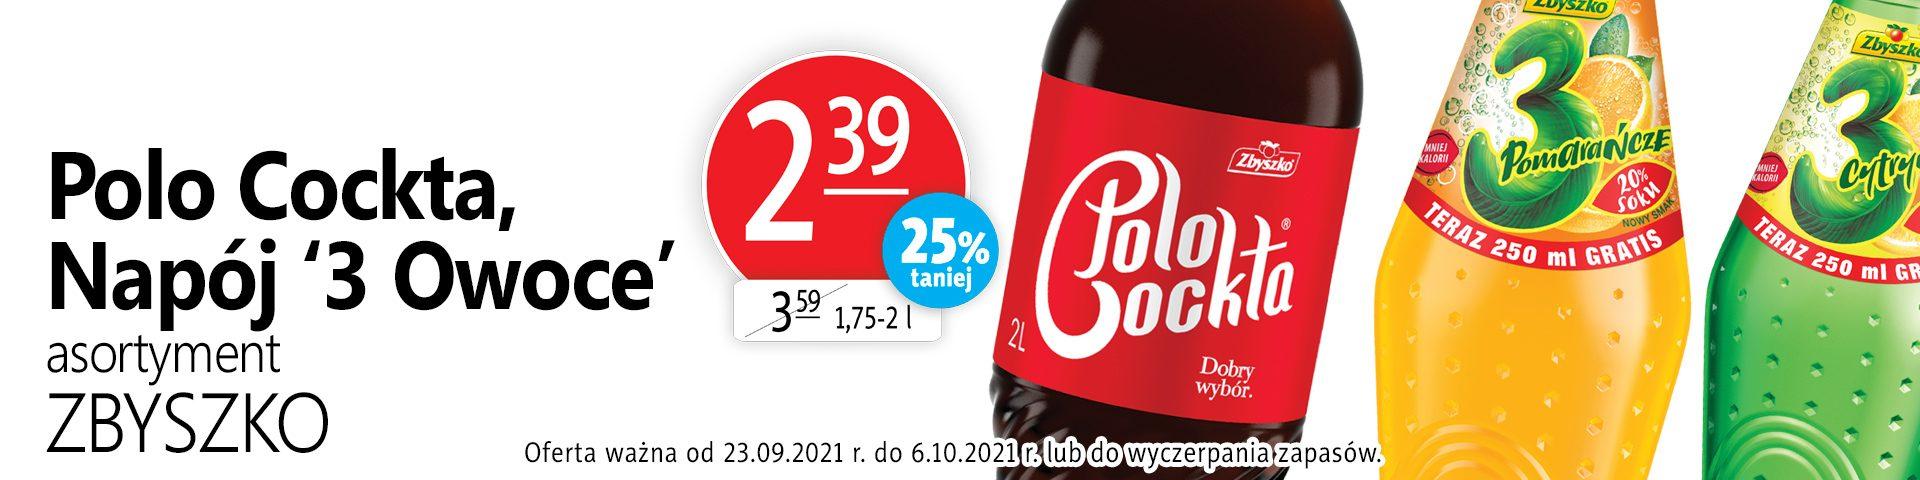 billboard_23_09_6_10_2021_zbyszko